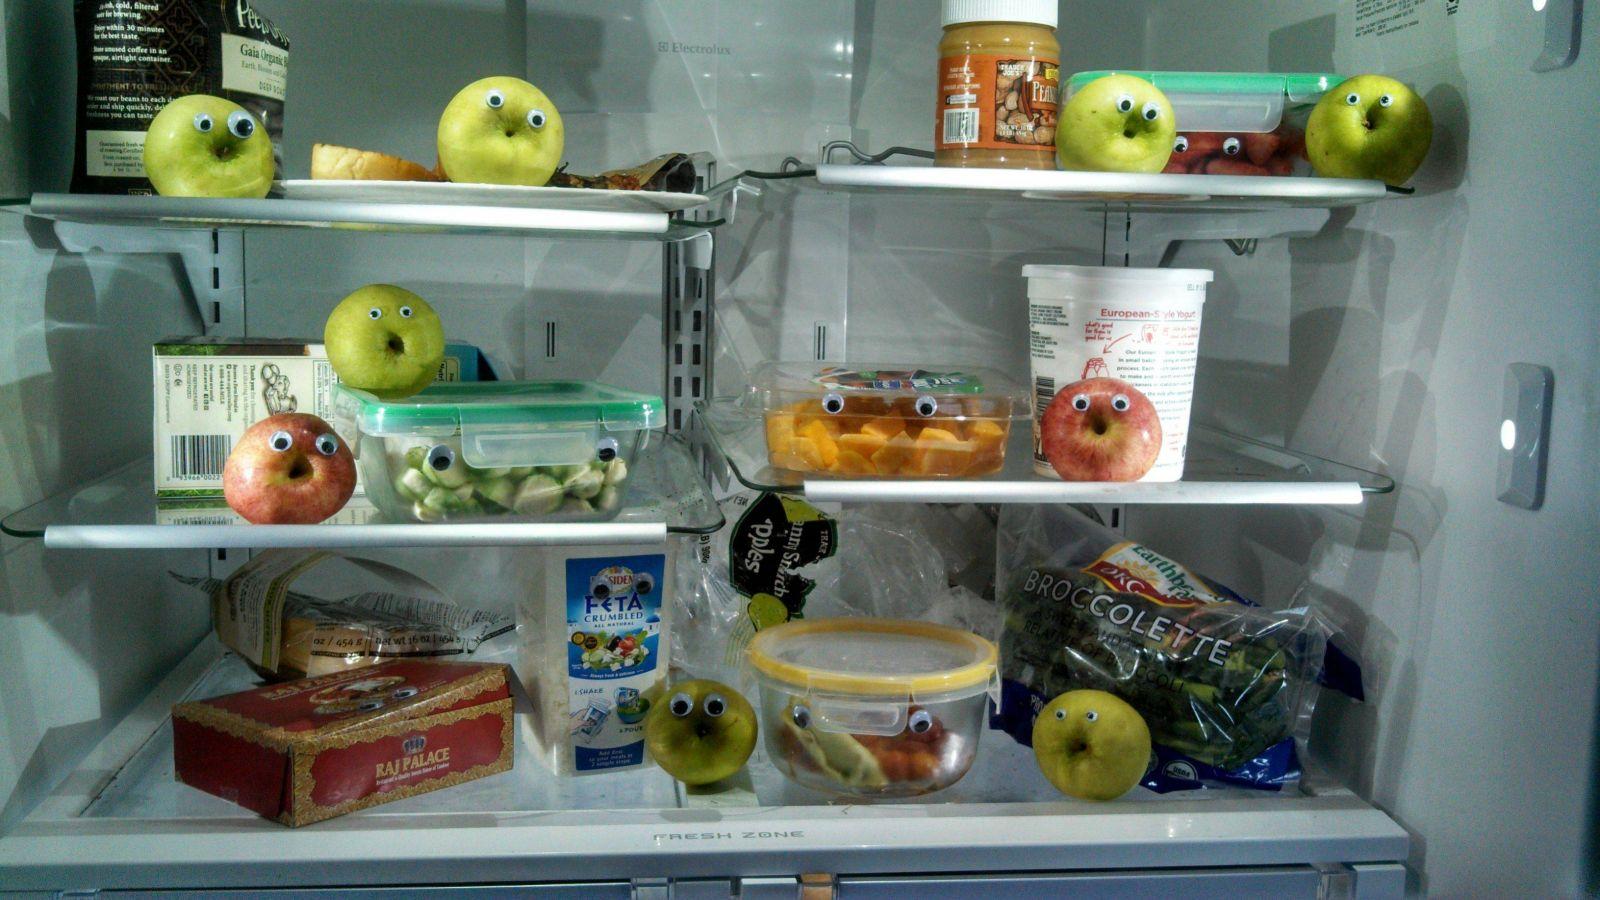 Как не выбрасывать продукты: секреты хранения в холодильнике - фото №1